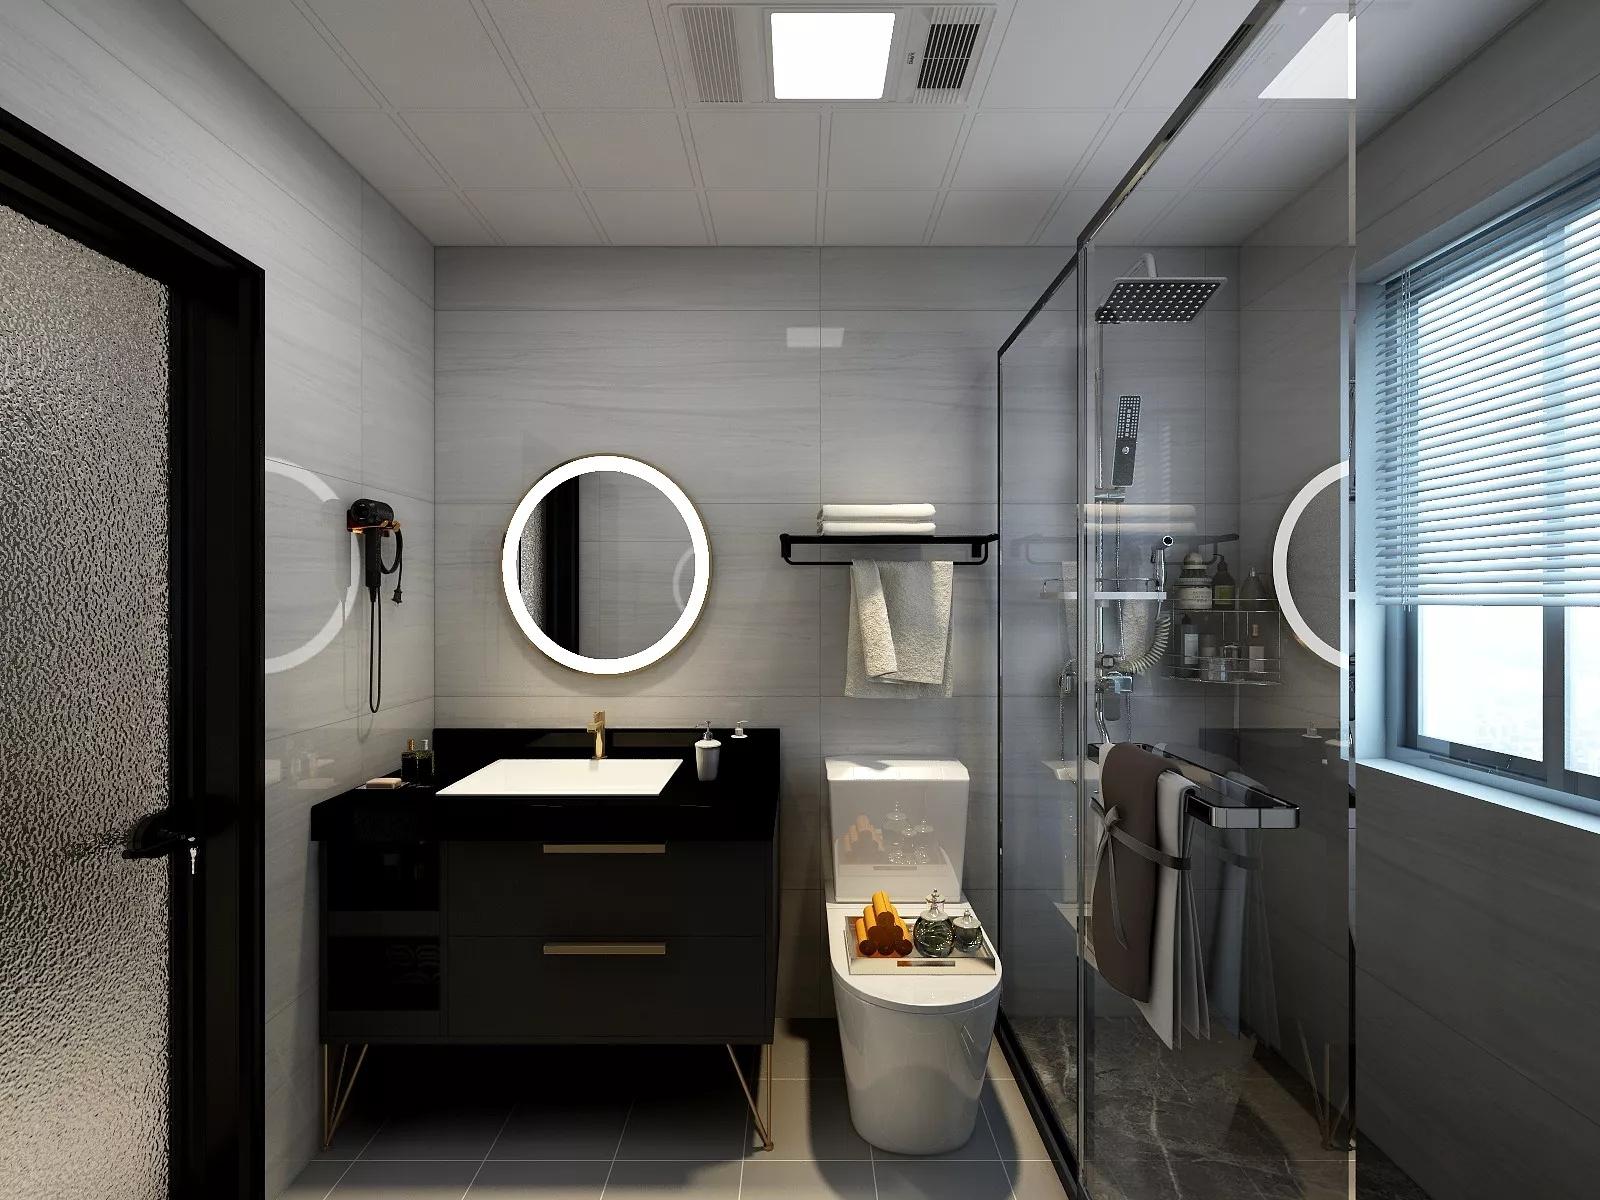 淋浴房如何安装?一字型淋浴隔断安装步骤